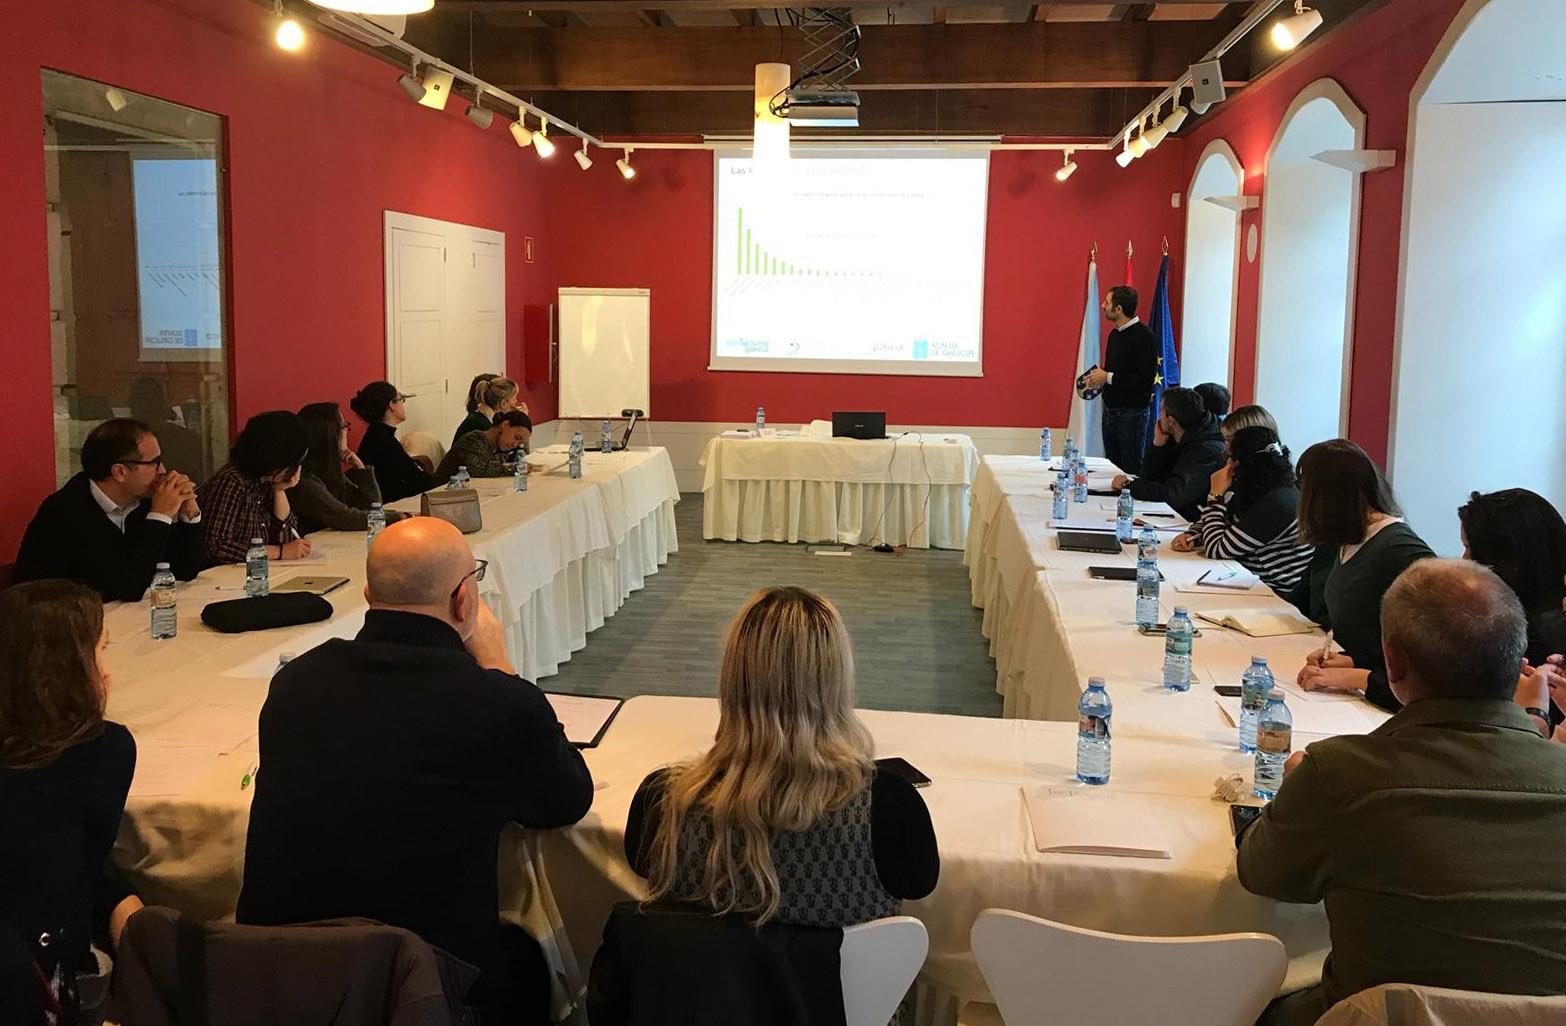 Éxito del taller de Creación y Comercialización de experiencias enoturísticas organizado por la Ruta do Viño Rías Baixas y el Clúster de Turismo de Galicia